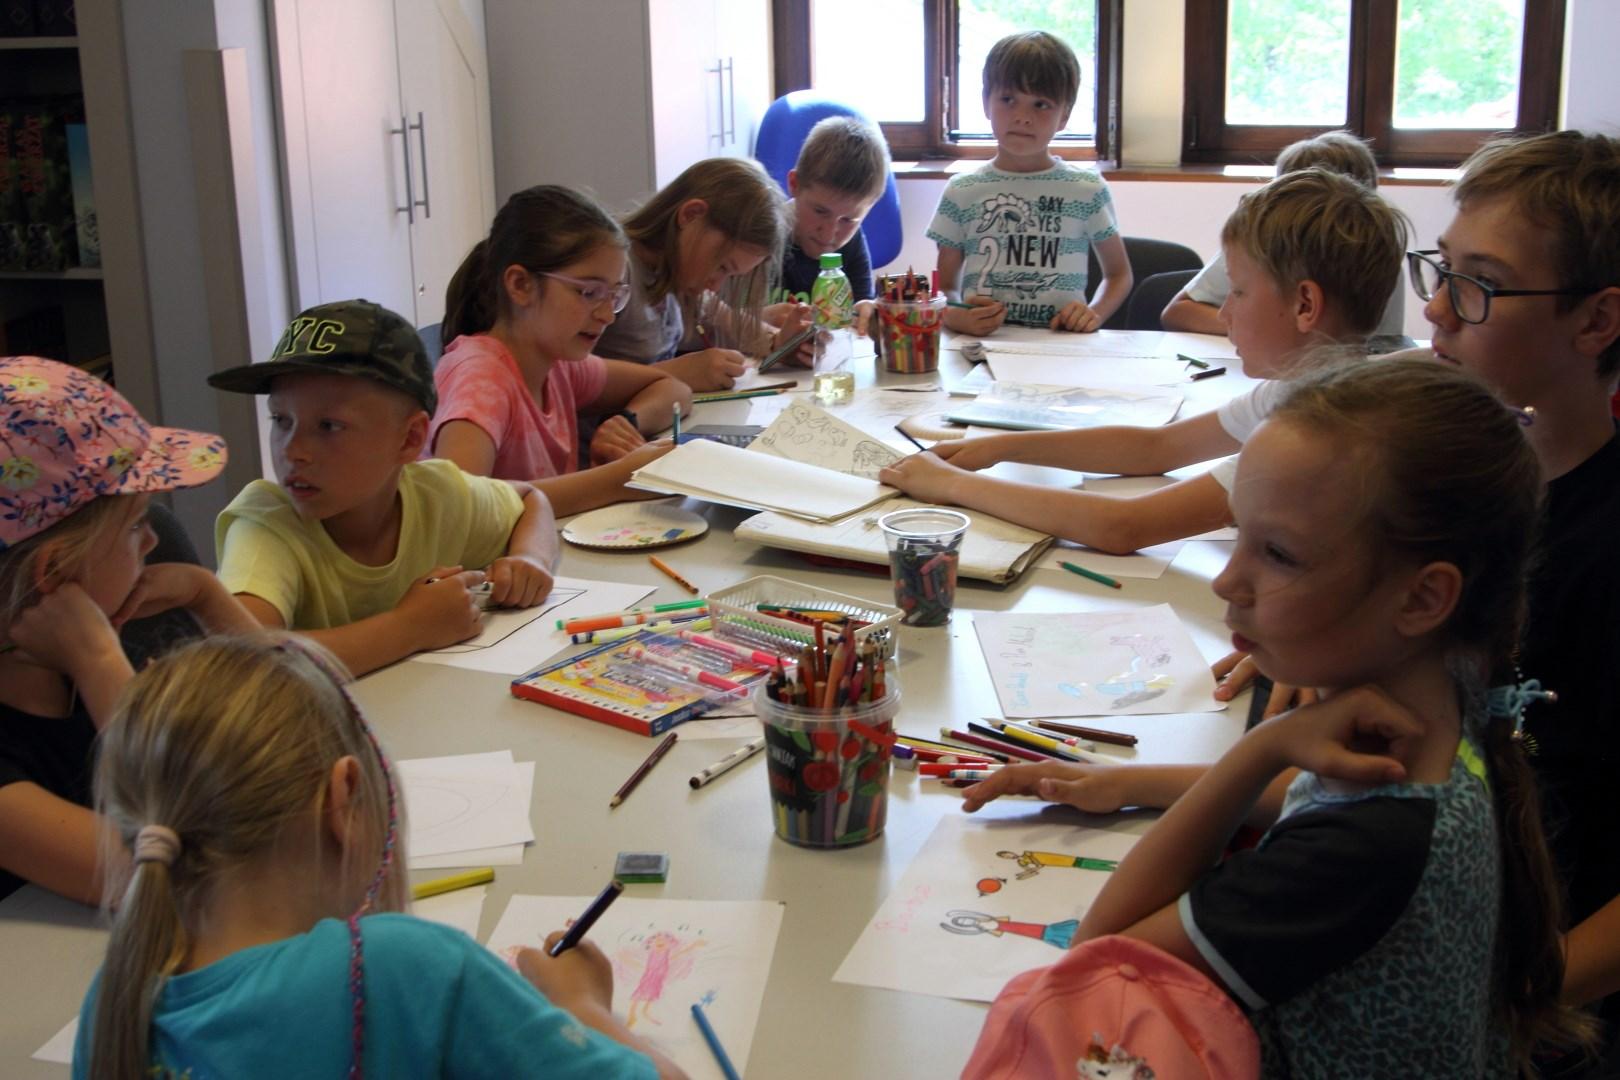 Dzieci w pracowni siedzące przy stoliku, przed nimi kartki i pisaki rozrzucone po stole. część dzieci siedzi , pozostałe rysują